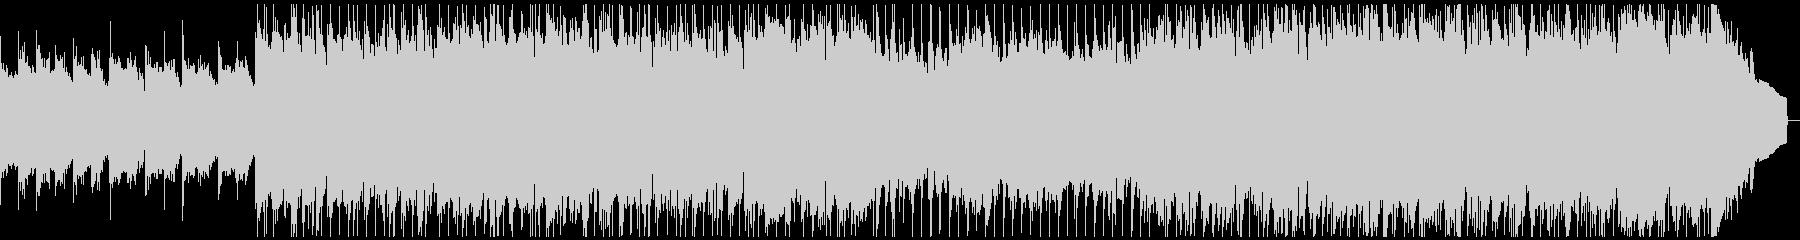 アンビエントなギターのプログレ風ロックの未再生の波形